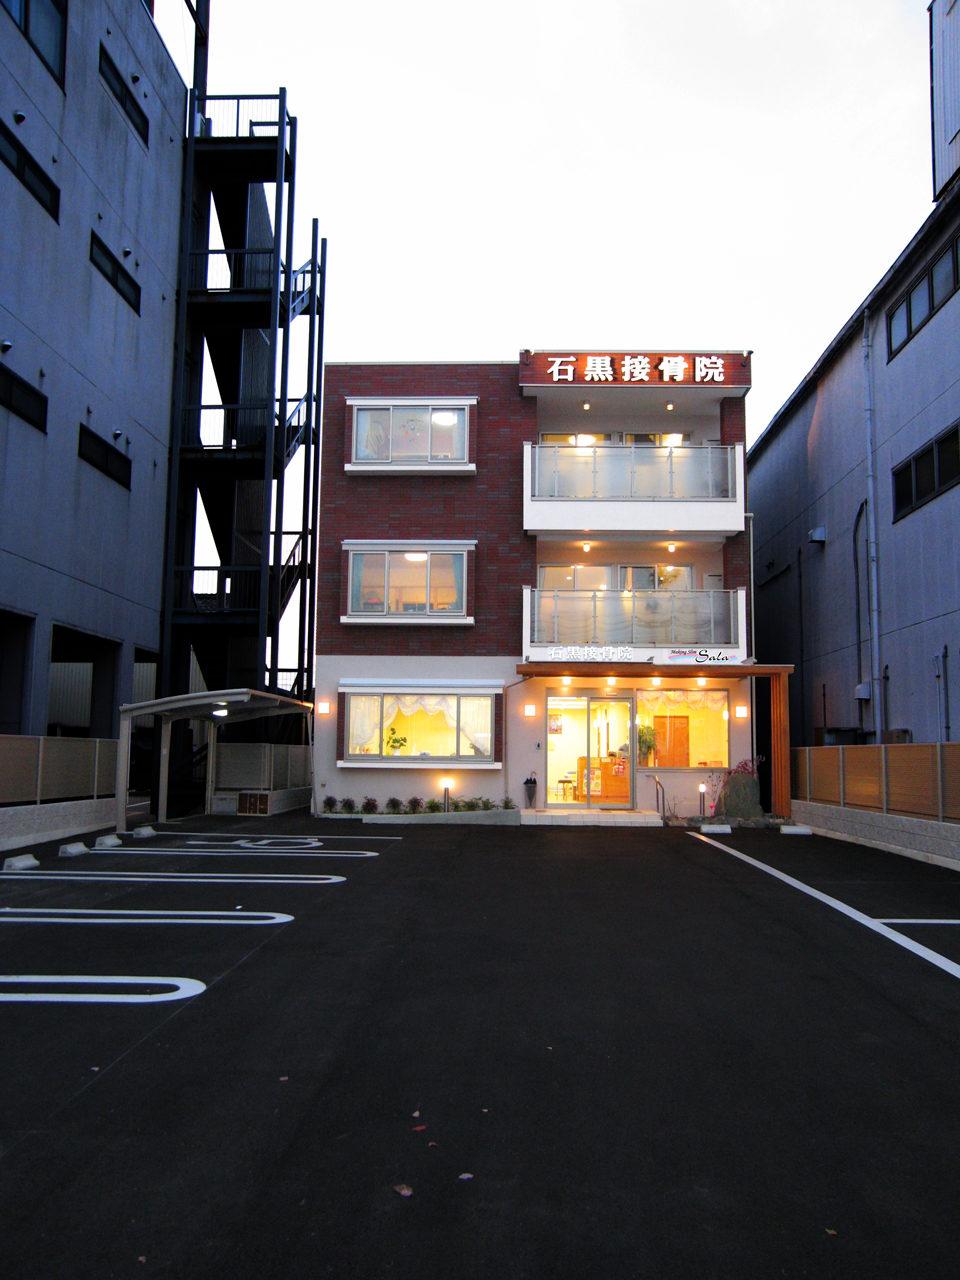 店舗併用二世帯住宅の新築設計・店舗デザイン|石黒接骨院、エステサロン